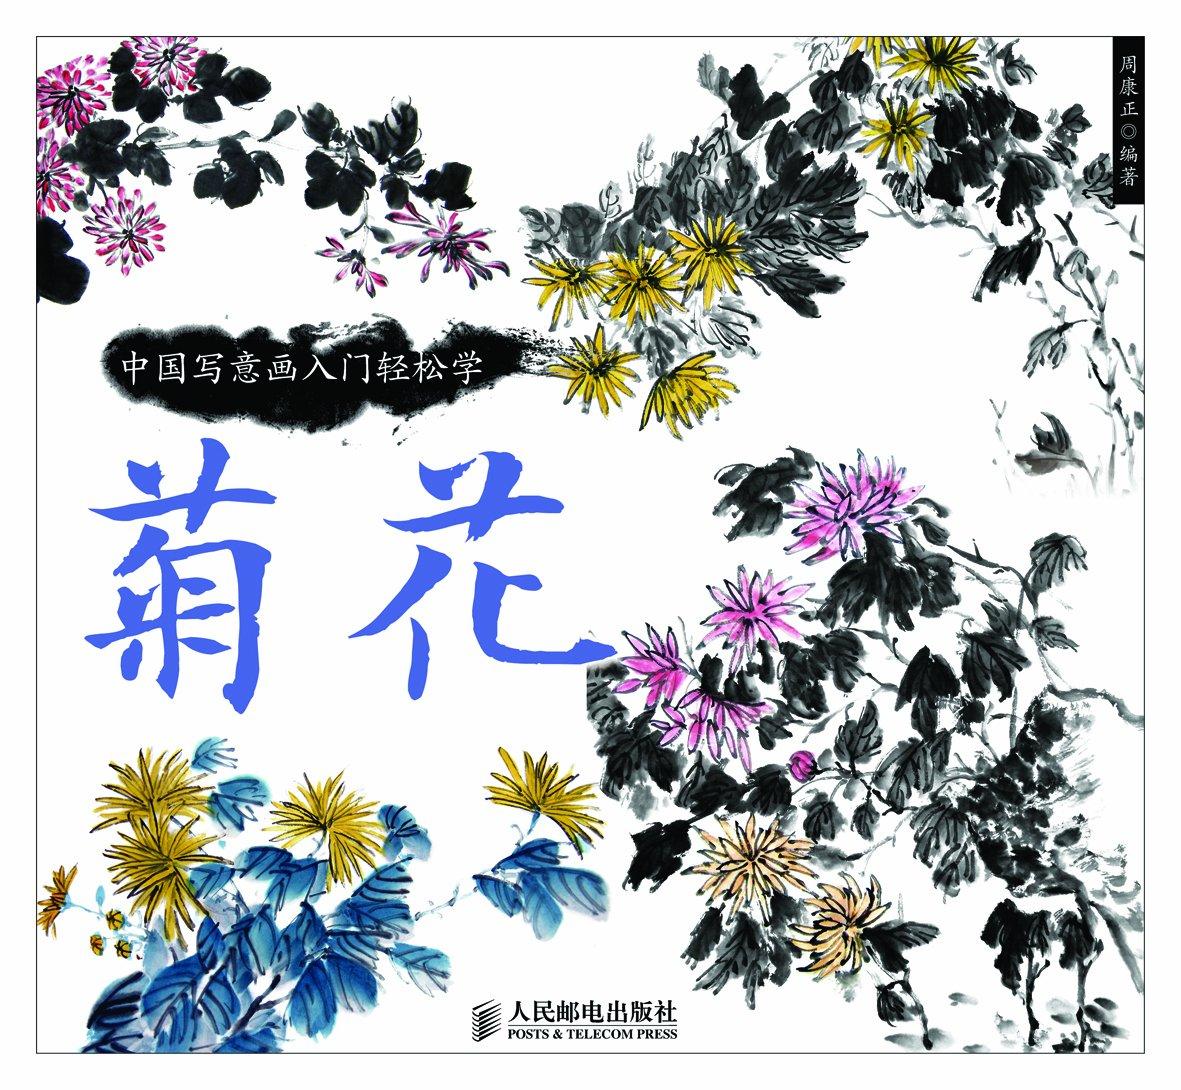 中国写意画入门轻松学:菊花